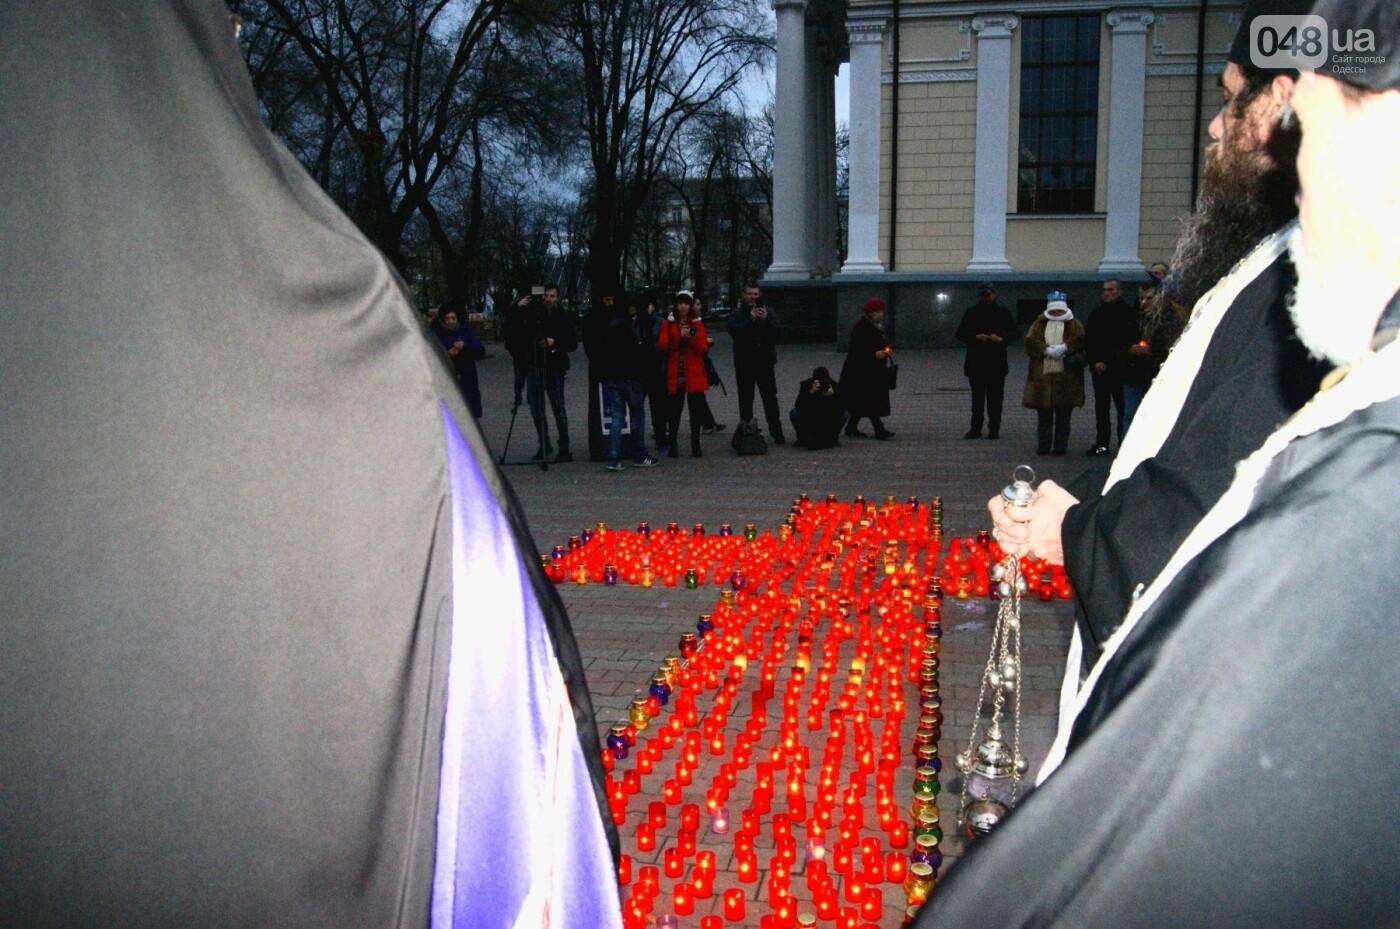 Одесситы провели трогательную акцию (ФОТО, ВИДЕО), фото-13